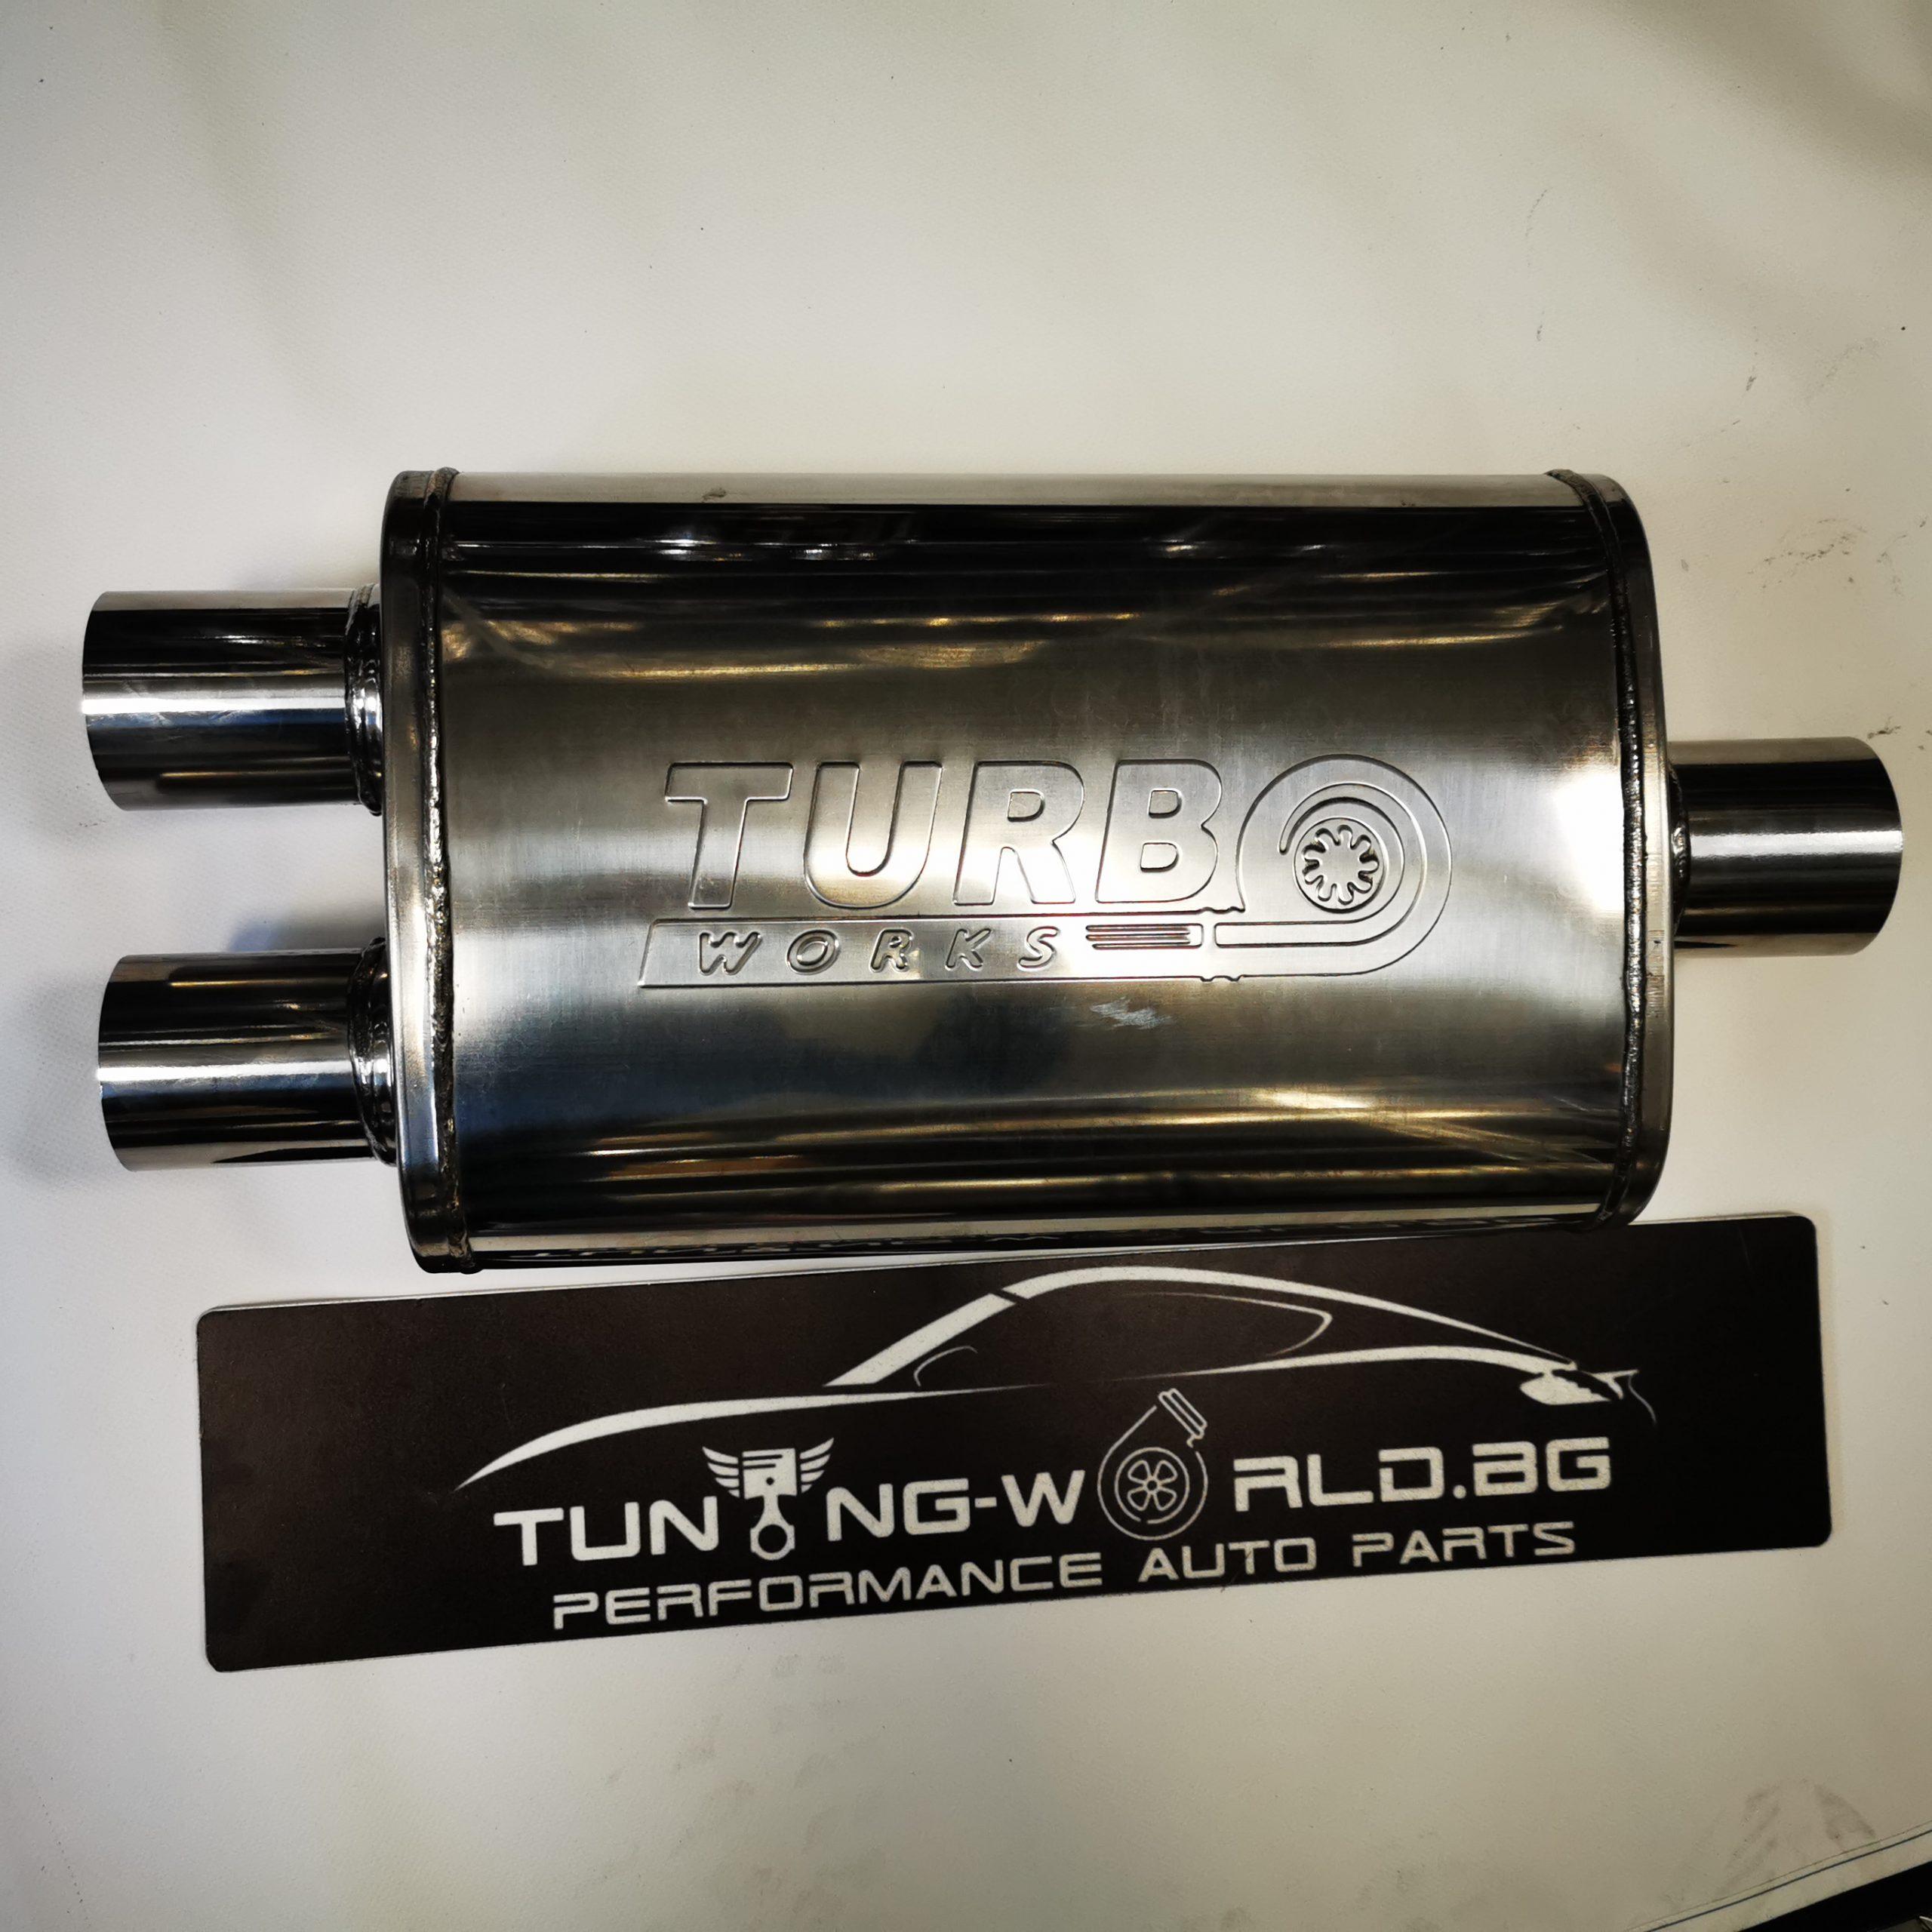 510x230x110 ф76-2x63mm Turboworks Гърне неръждаема стомана